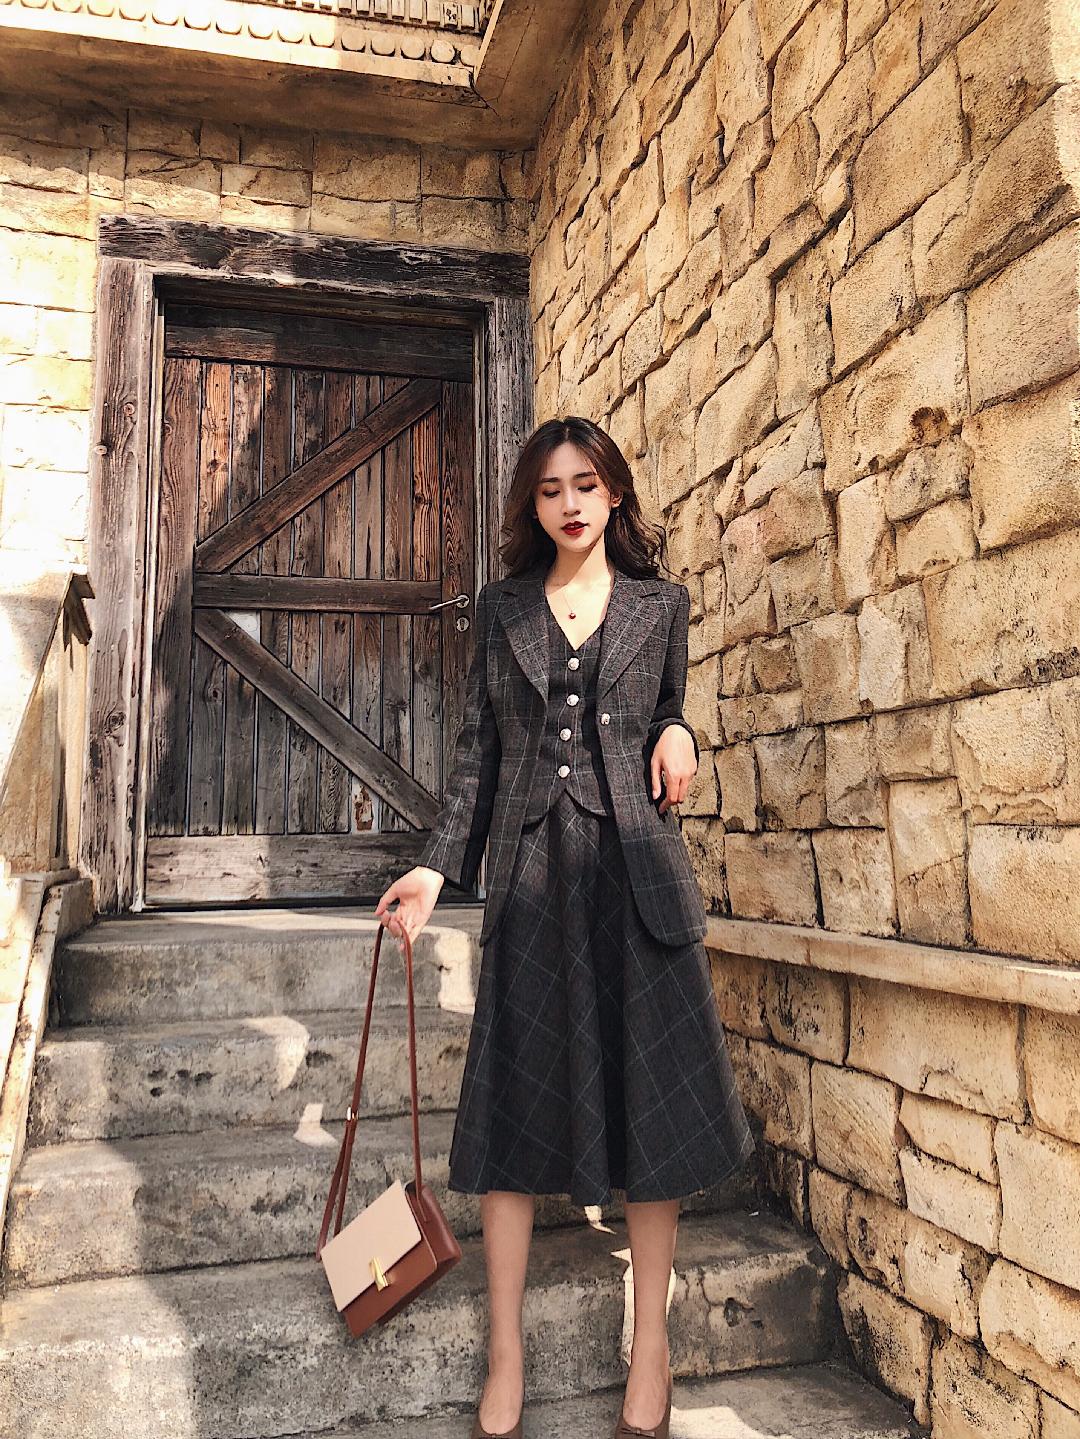 很喜欢tie for her的这套三件套西装 正式又不古板 细看还是格子风格 #晒单我的双十一#